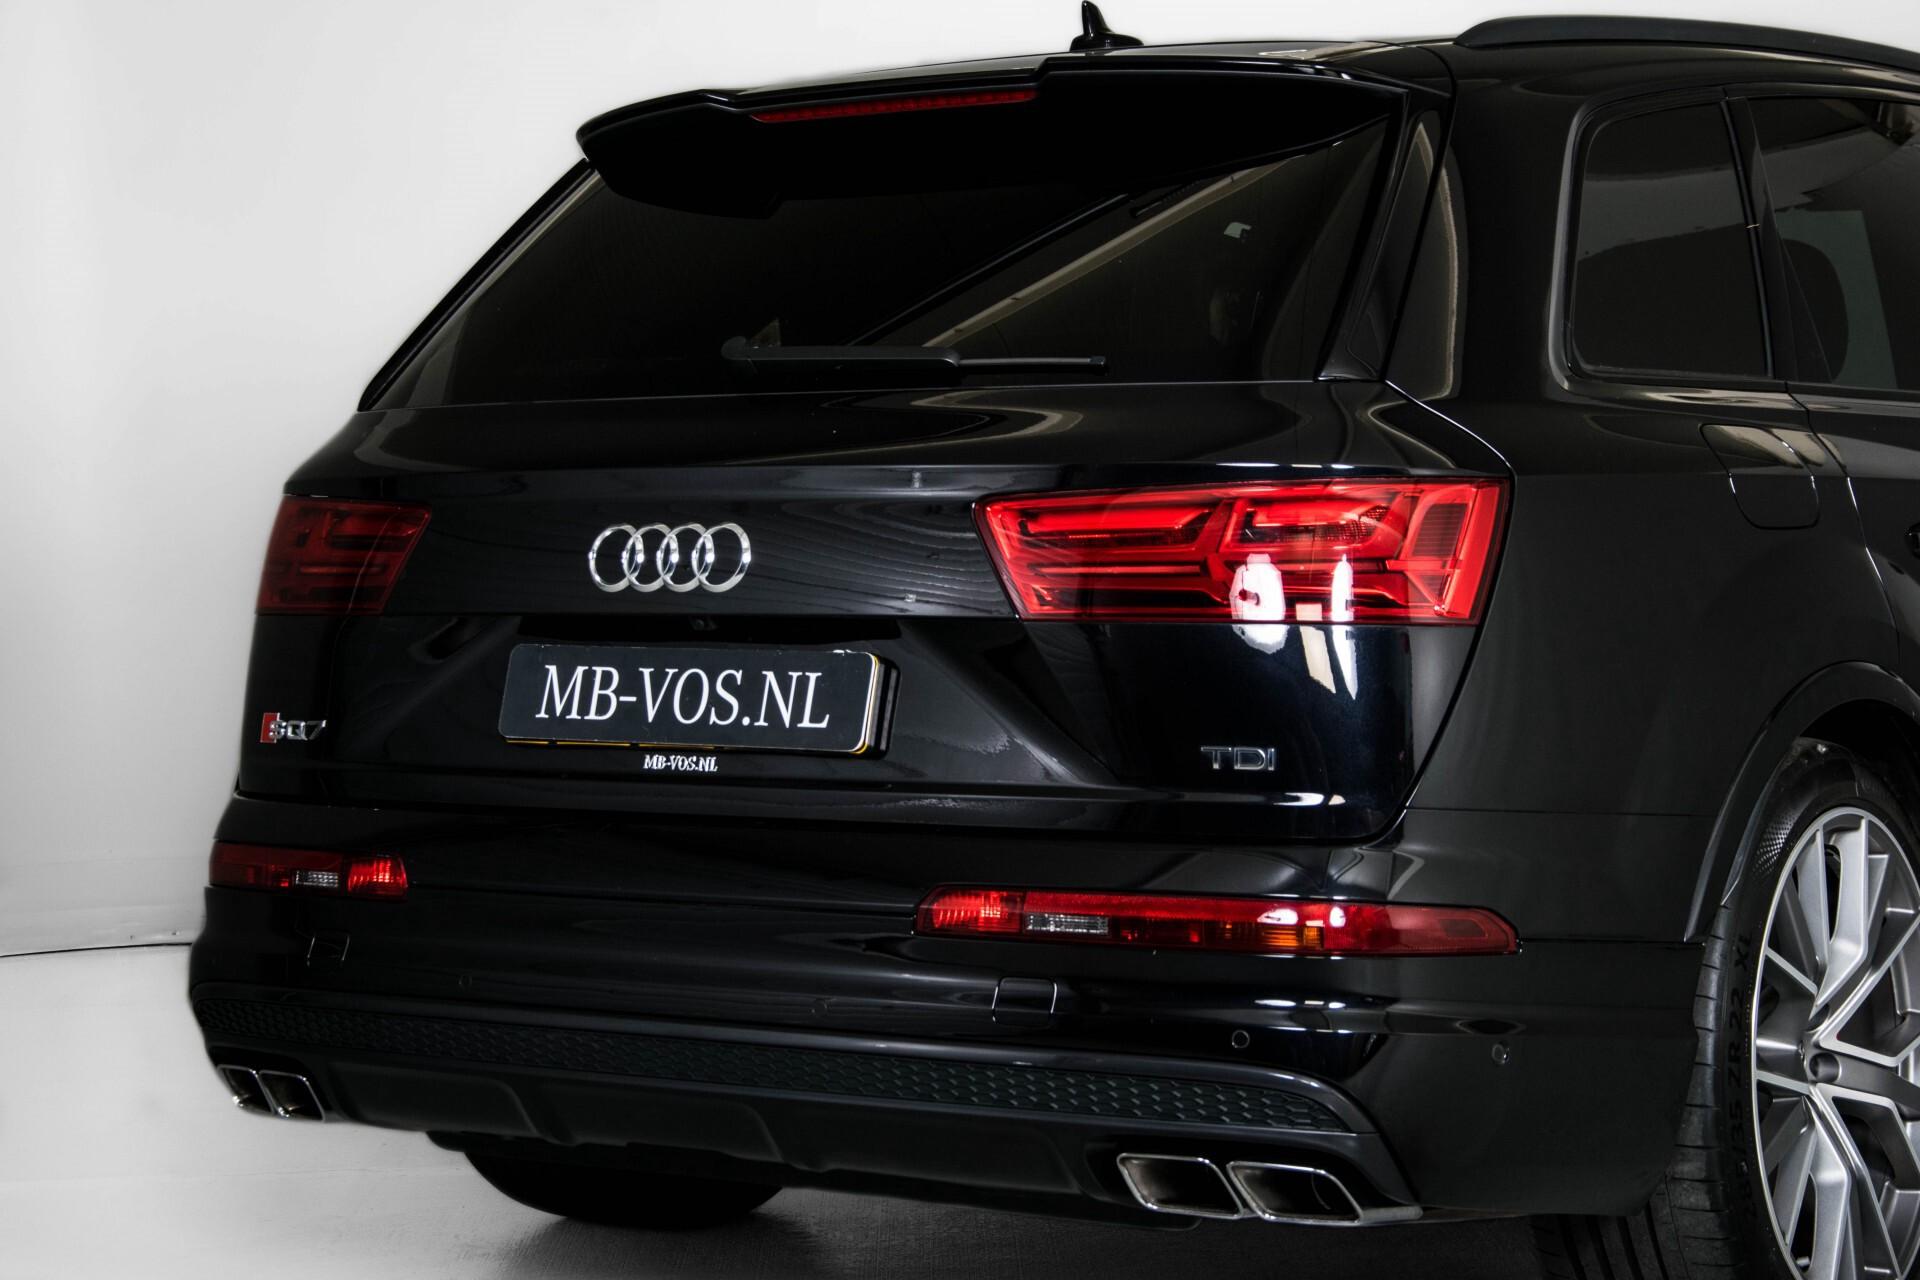 Audi SQ7 4.0 TDI 435pk Quattro Full Options Grijs Kenteken Aut8 Foto 77